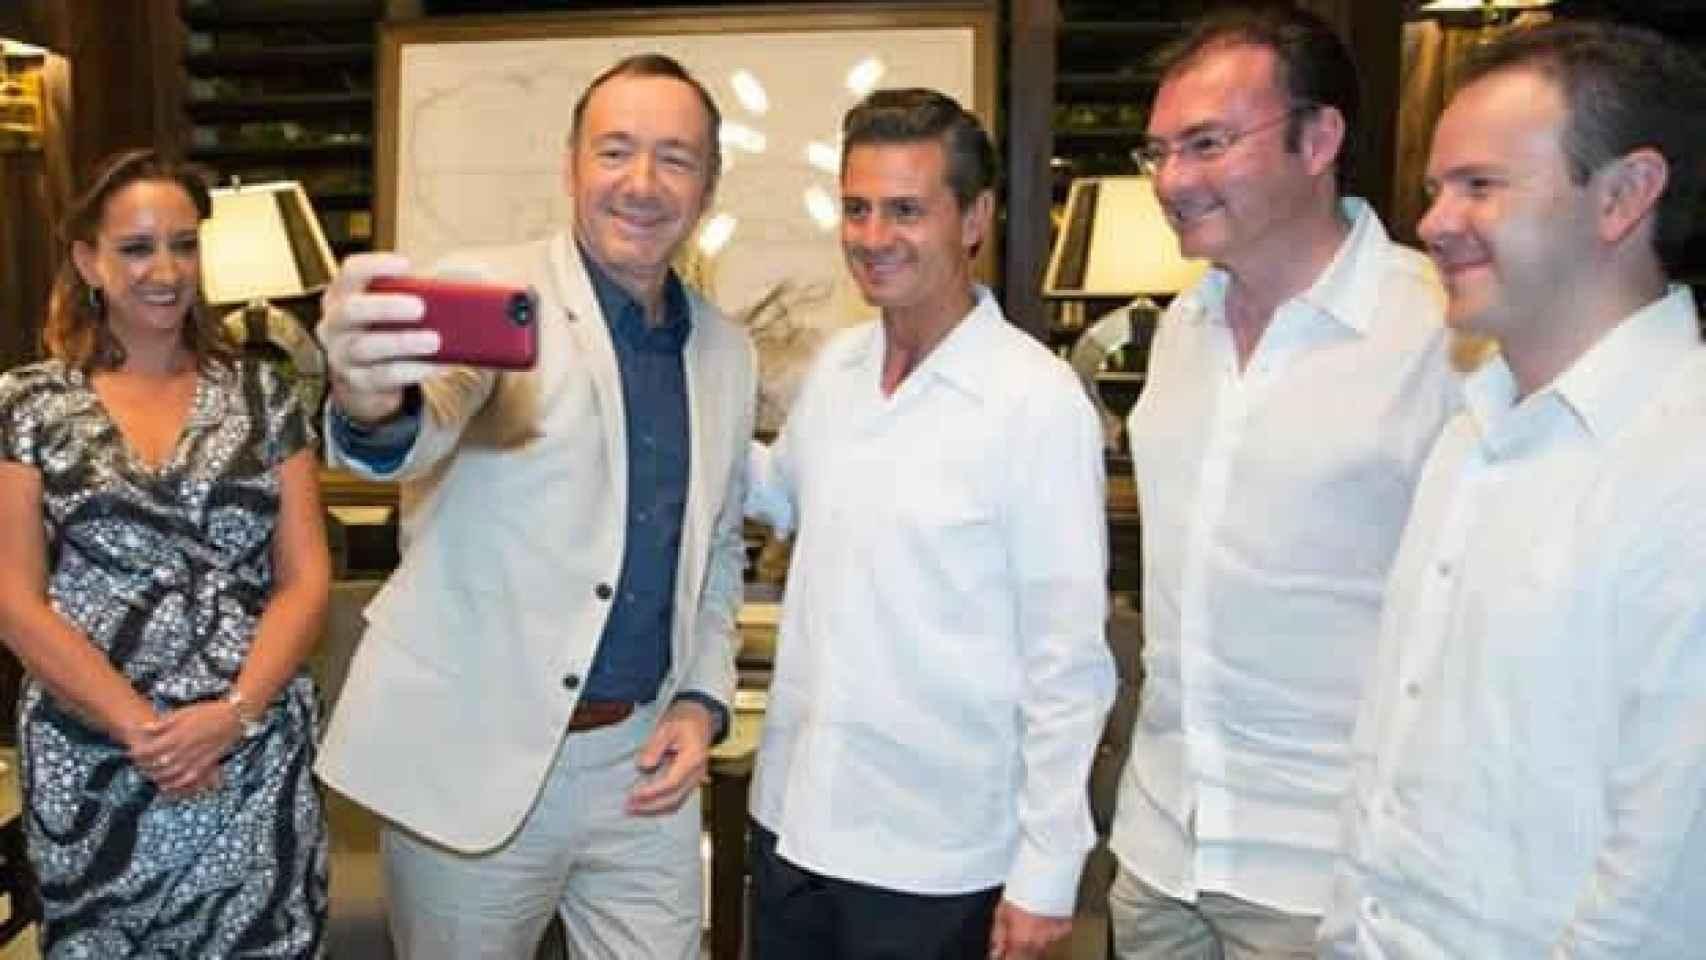 El polémico selfie de Kevin Spacey con Enrique Peña Nieto